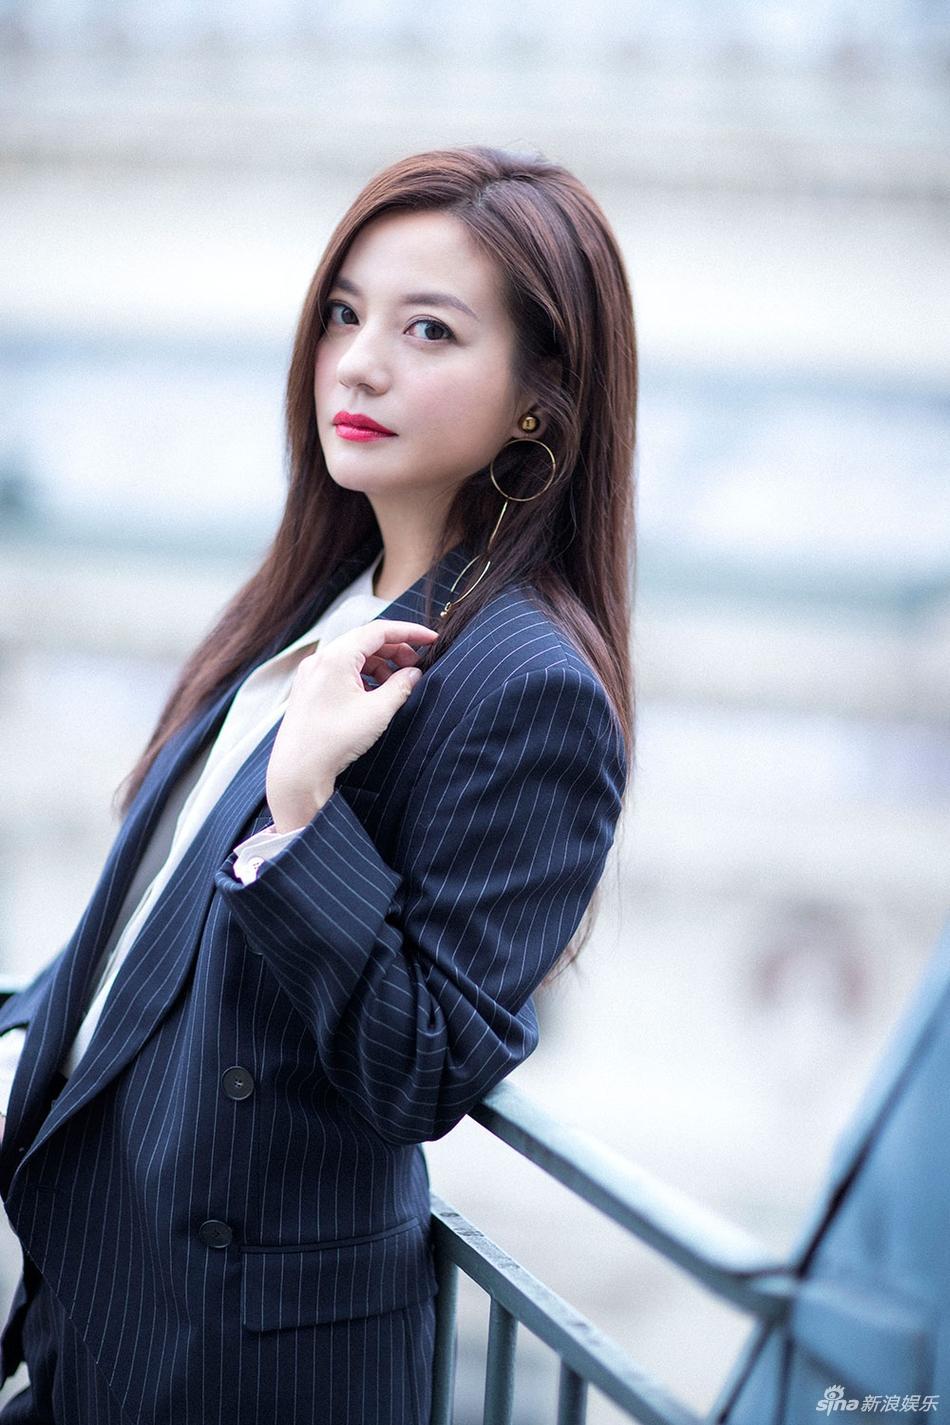 Đột nhiên chuyển sang phong cách menswear, Triệu Vy thu hút rừng ống kính tại Paris-1